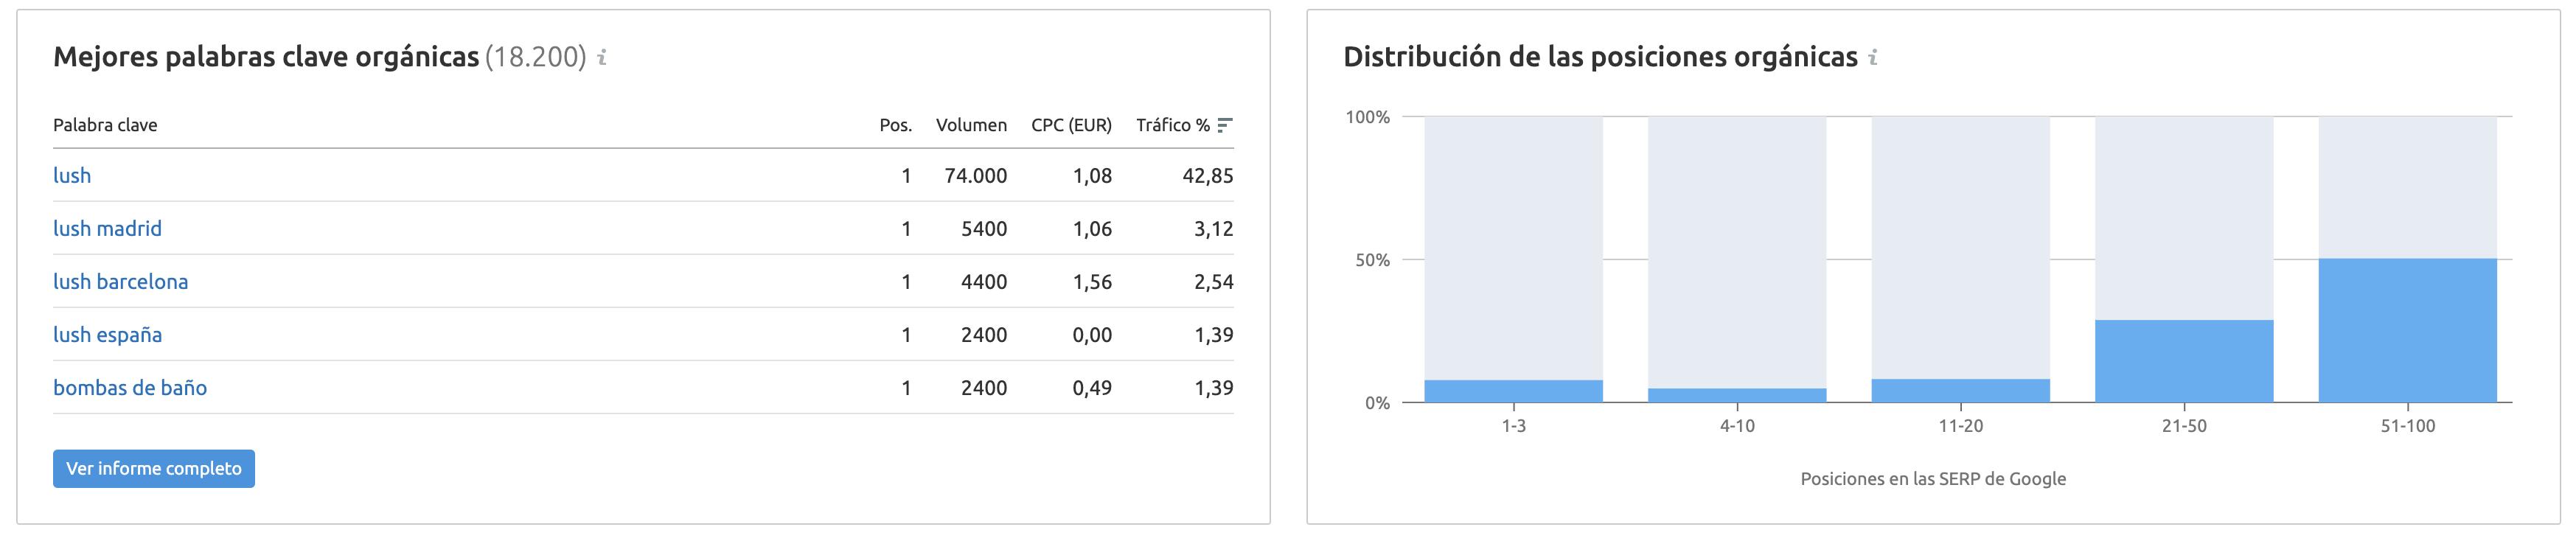 Estrategias de marketing ecológico - Distribución de las posiciones Lush